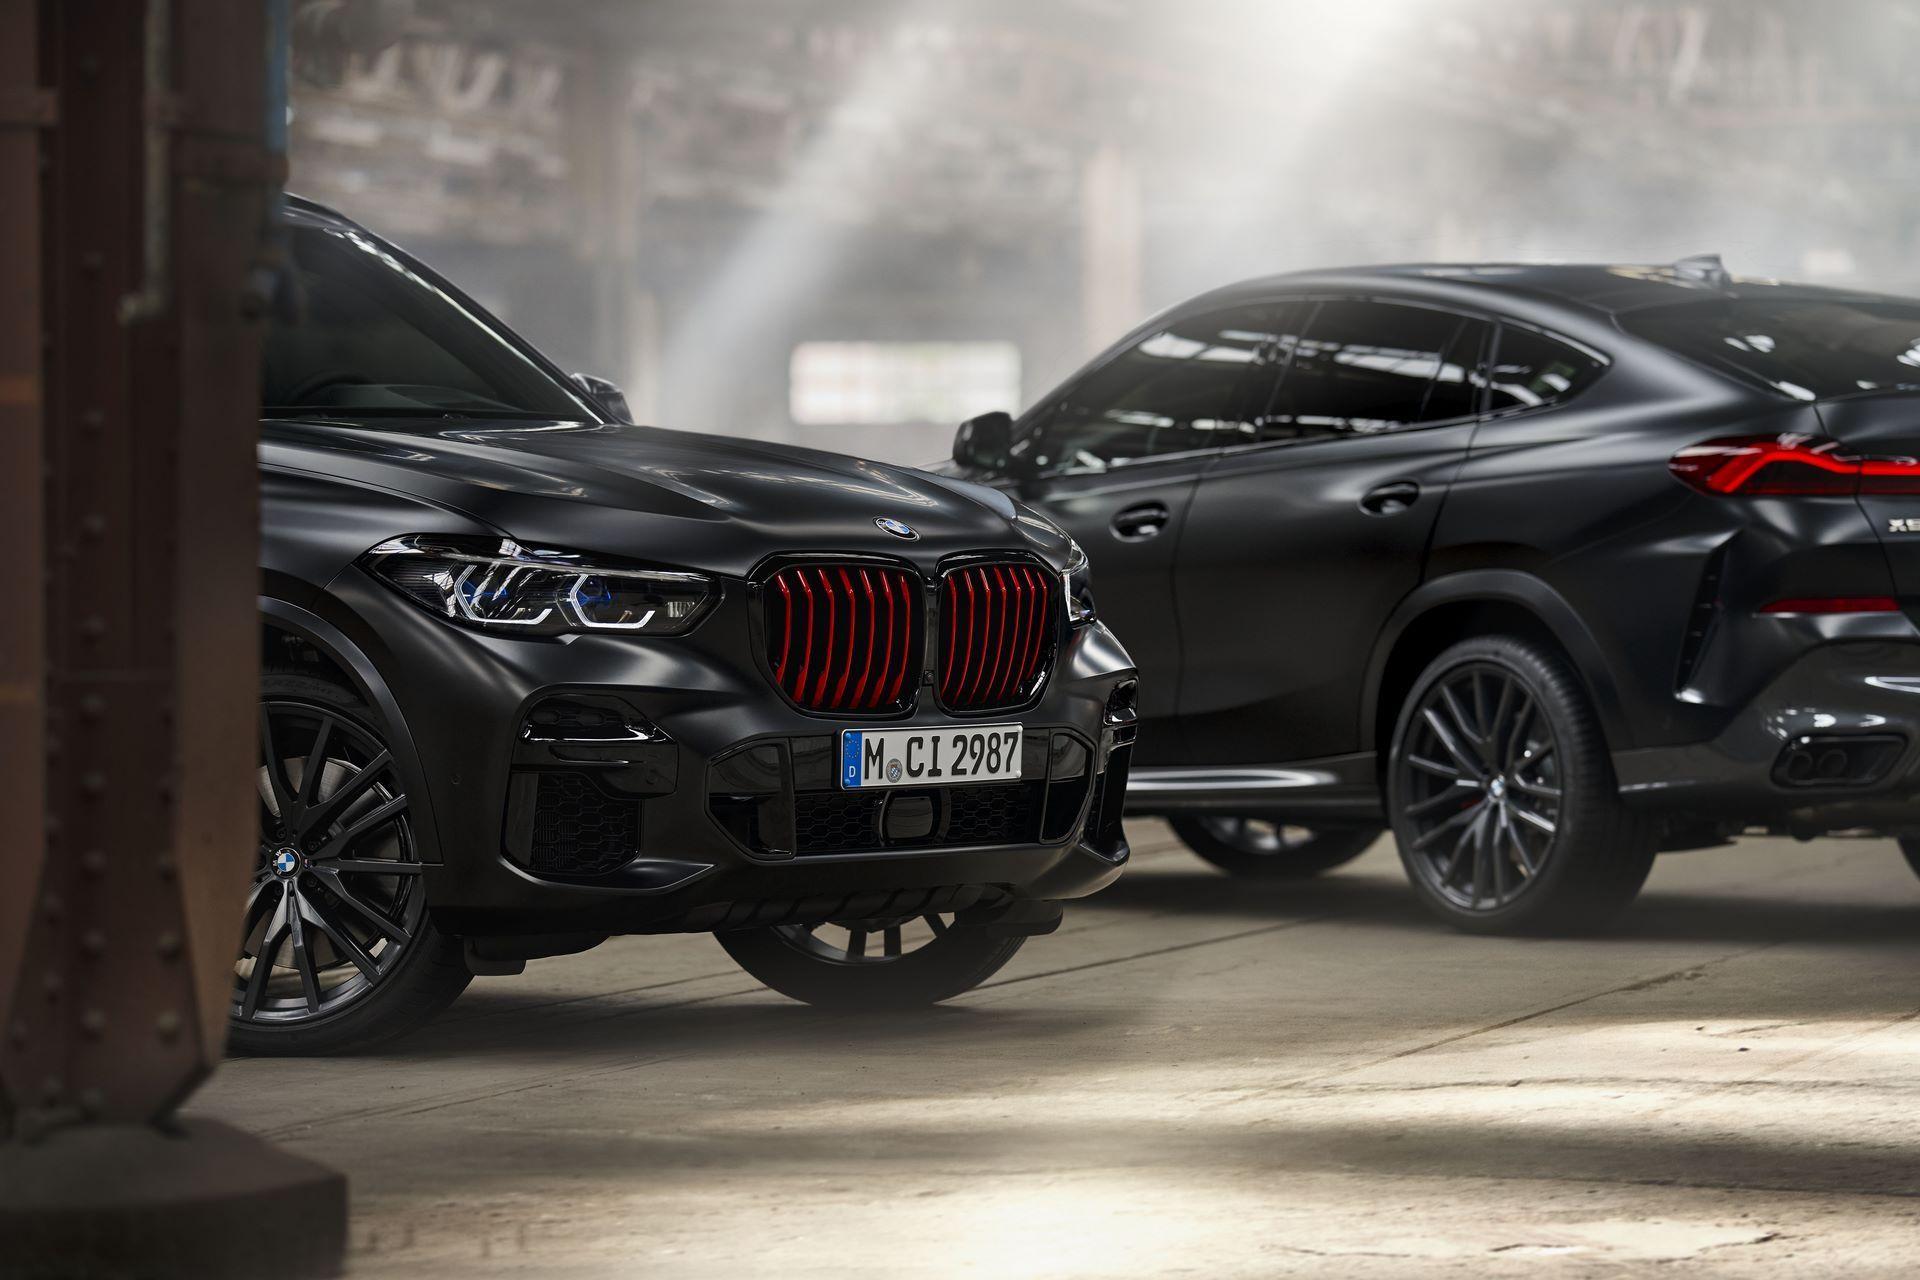 BMW-X5-Χ6-Black-Vermilion-X7-Limited-Edition-1